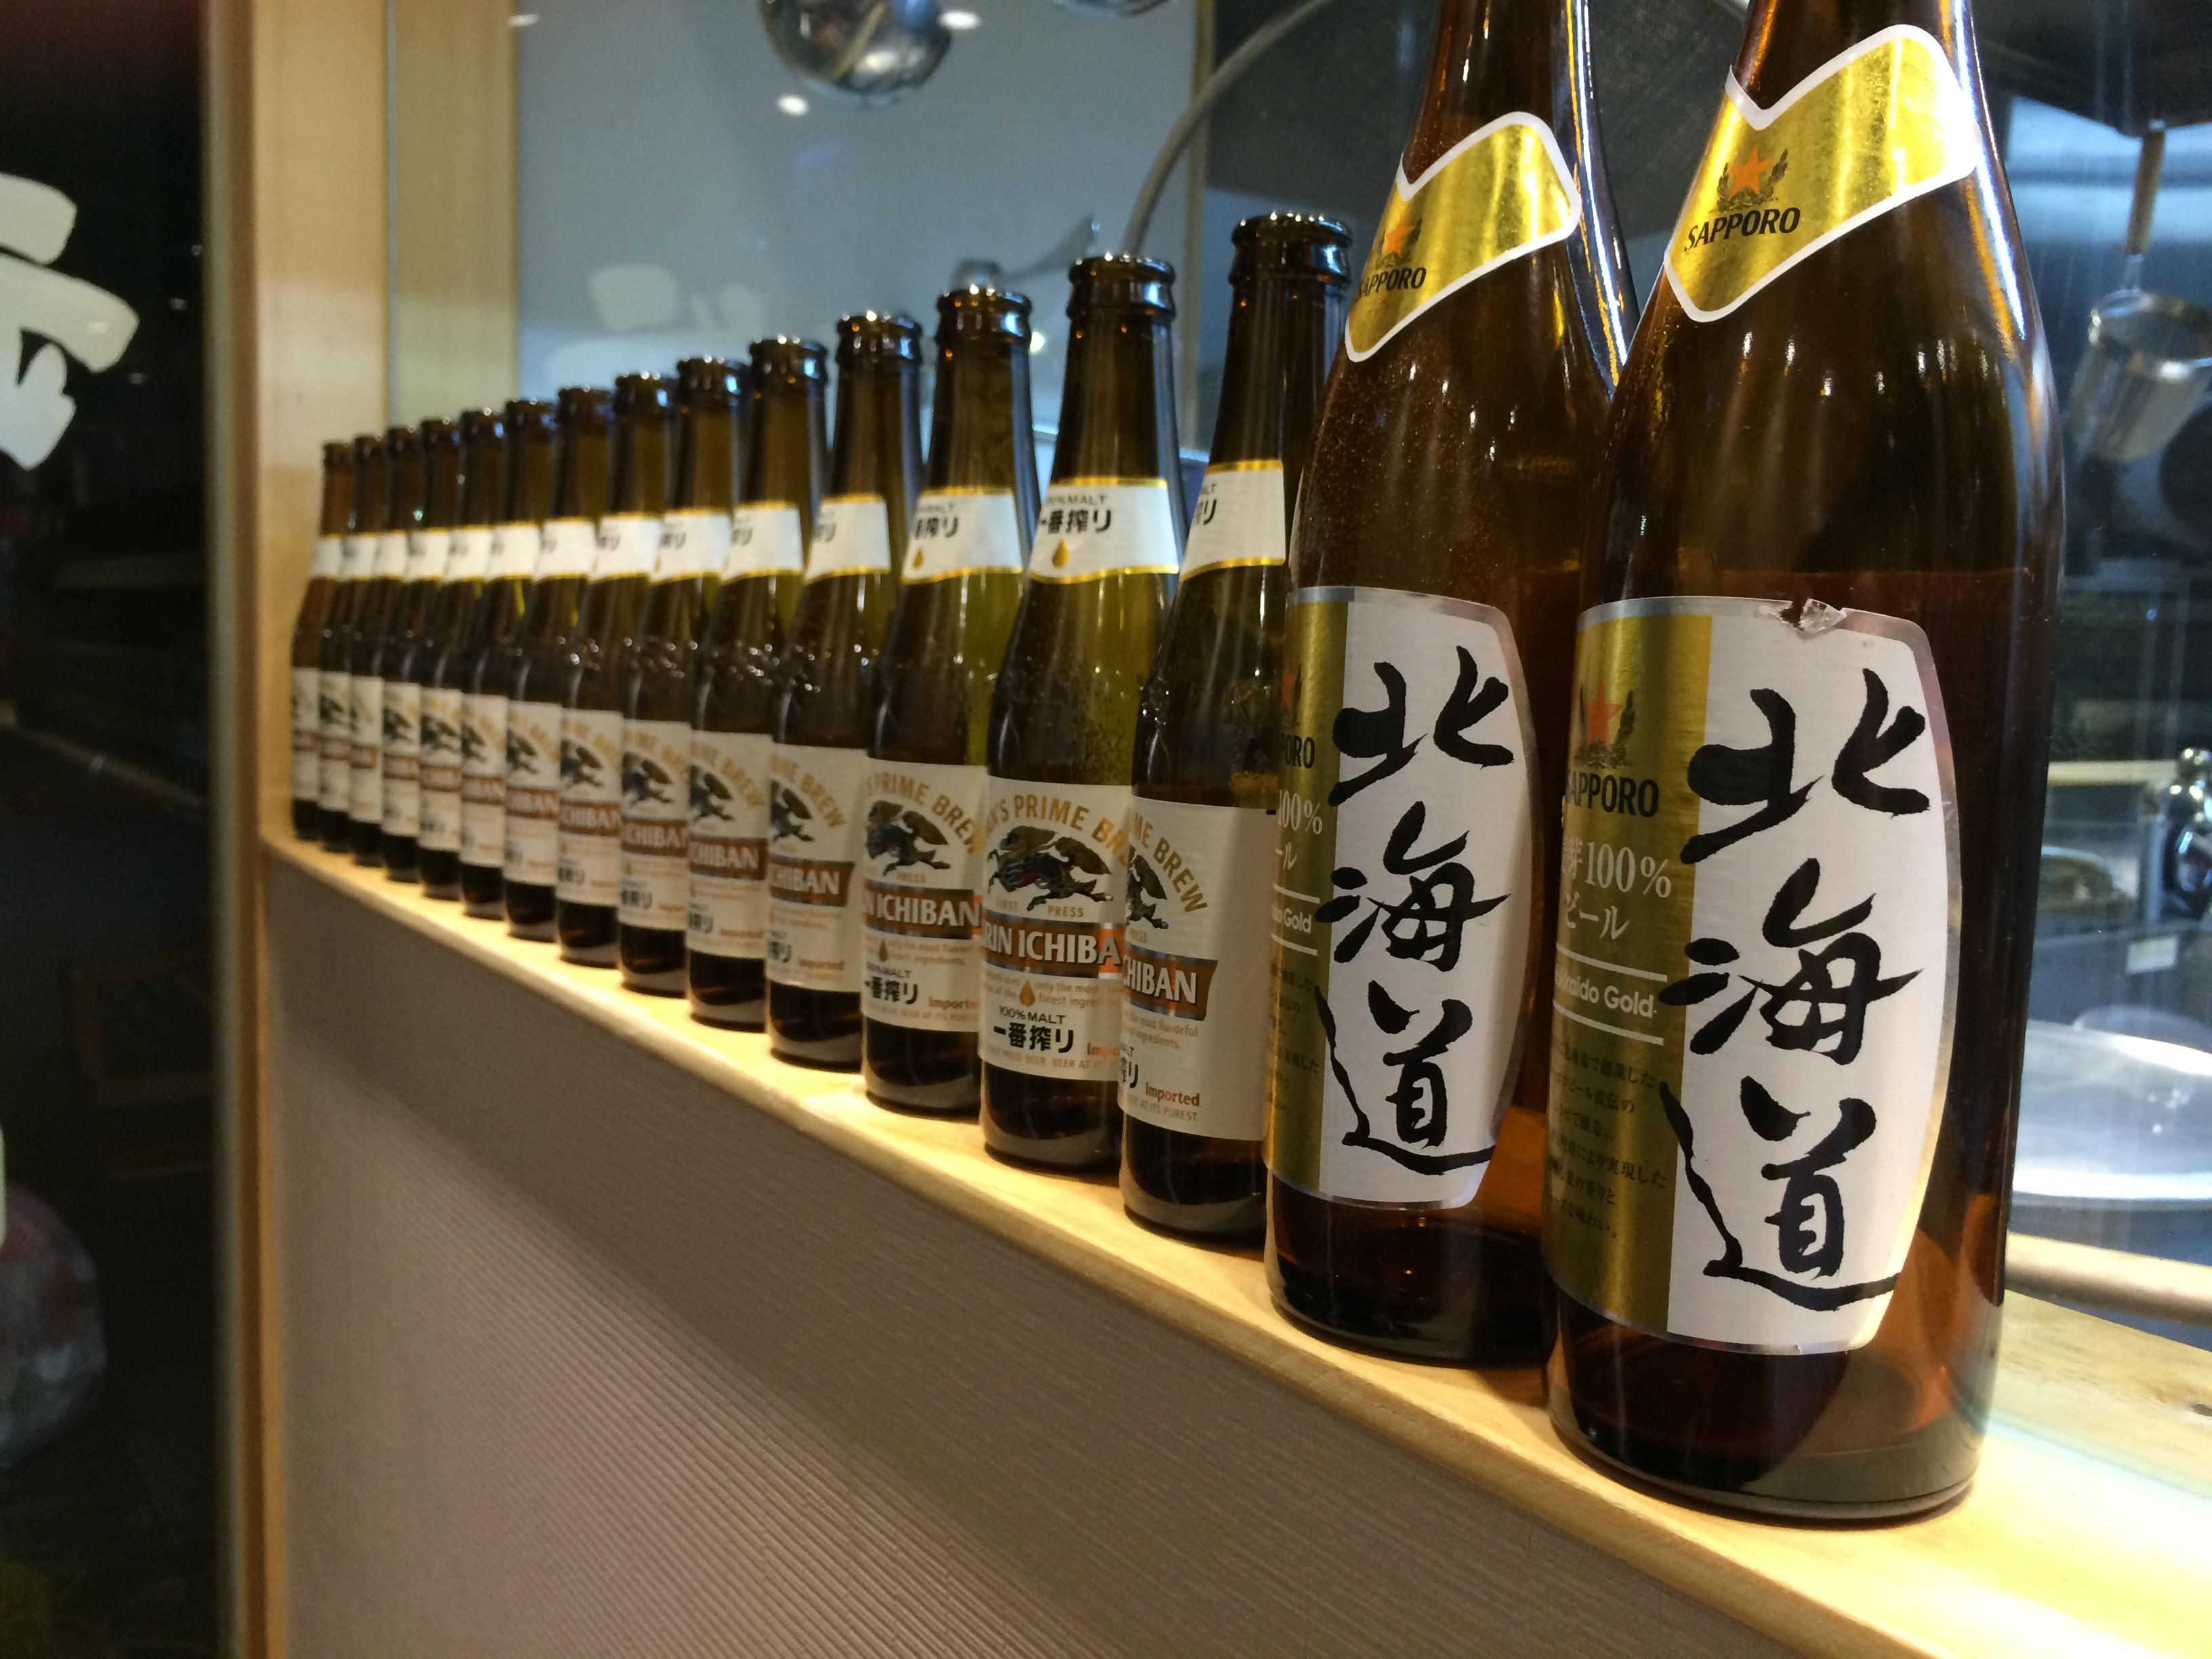 台湾でラーメン屋を開いて7ヶ月。今まで作ったラーメン杯数や売上は。